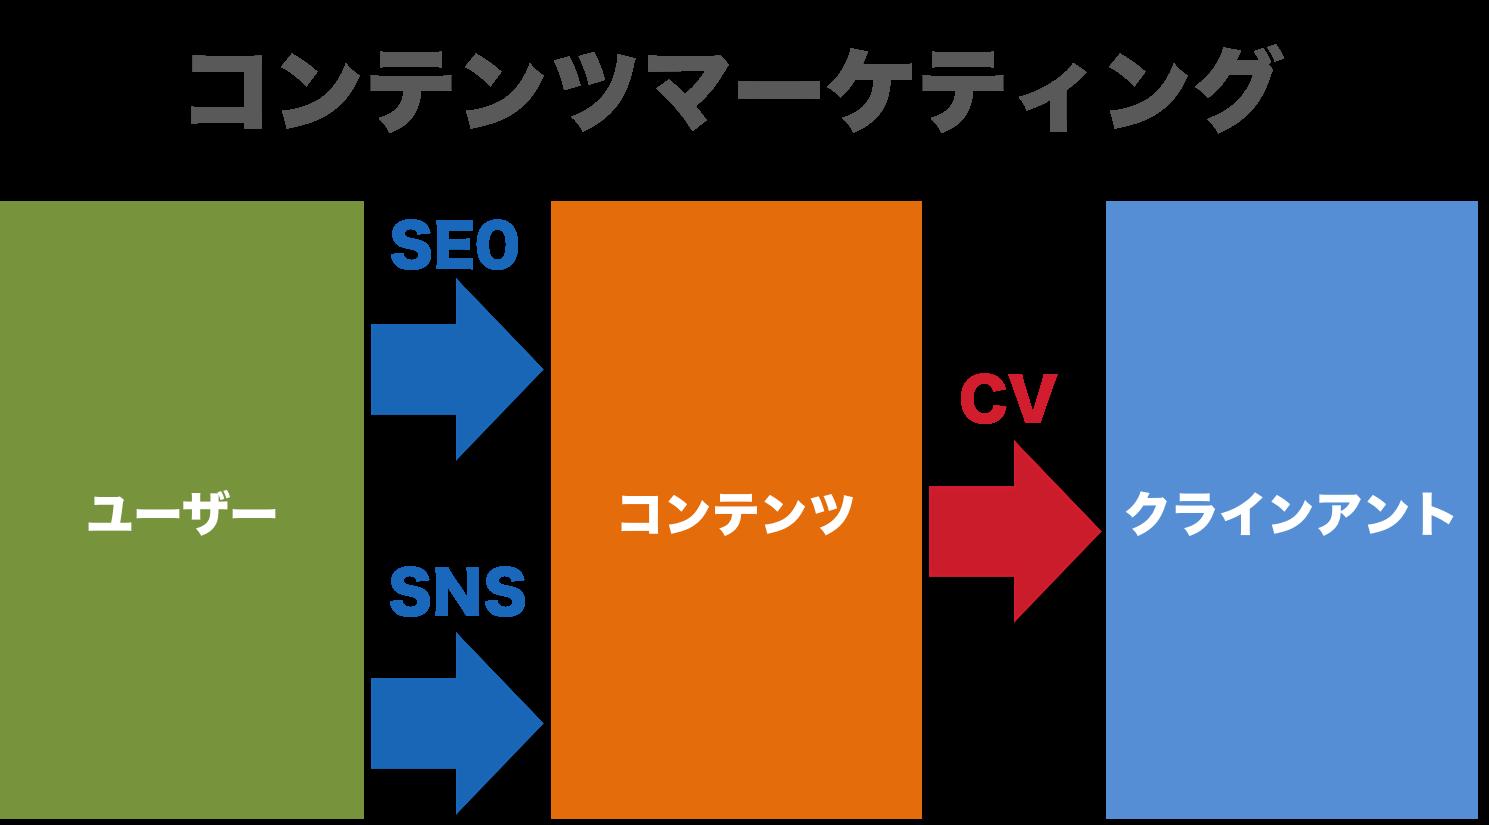 コンテンツマーケティング図